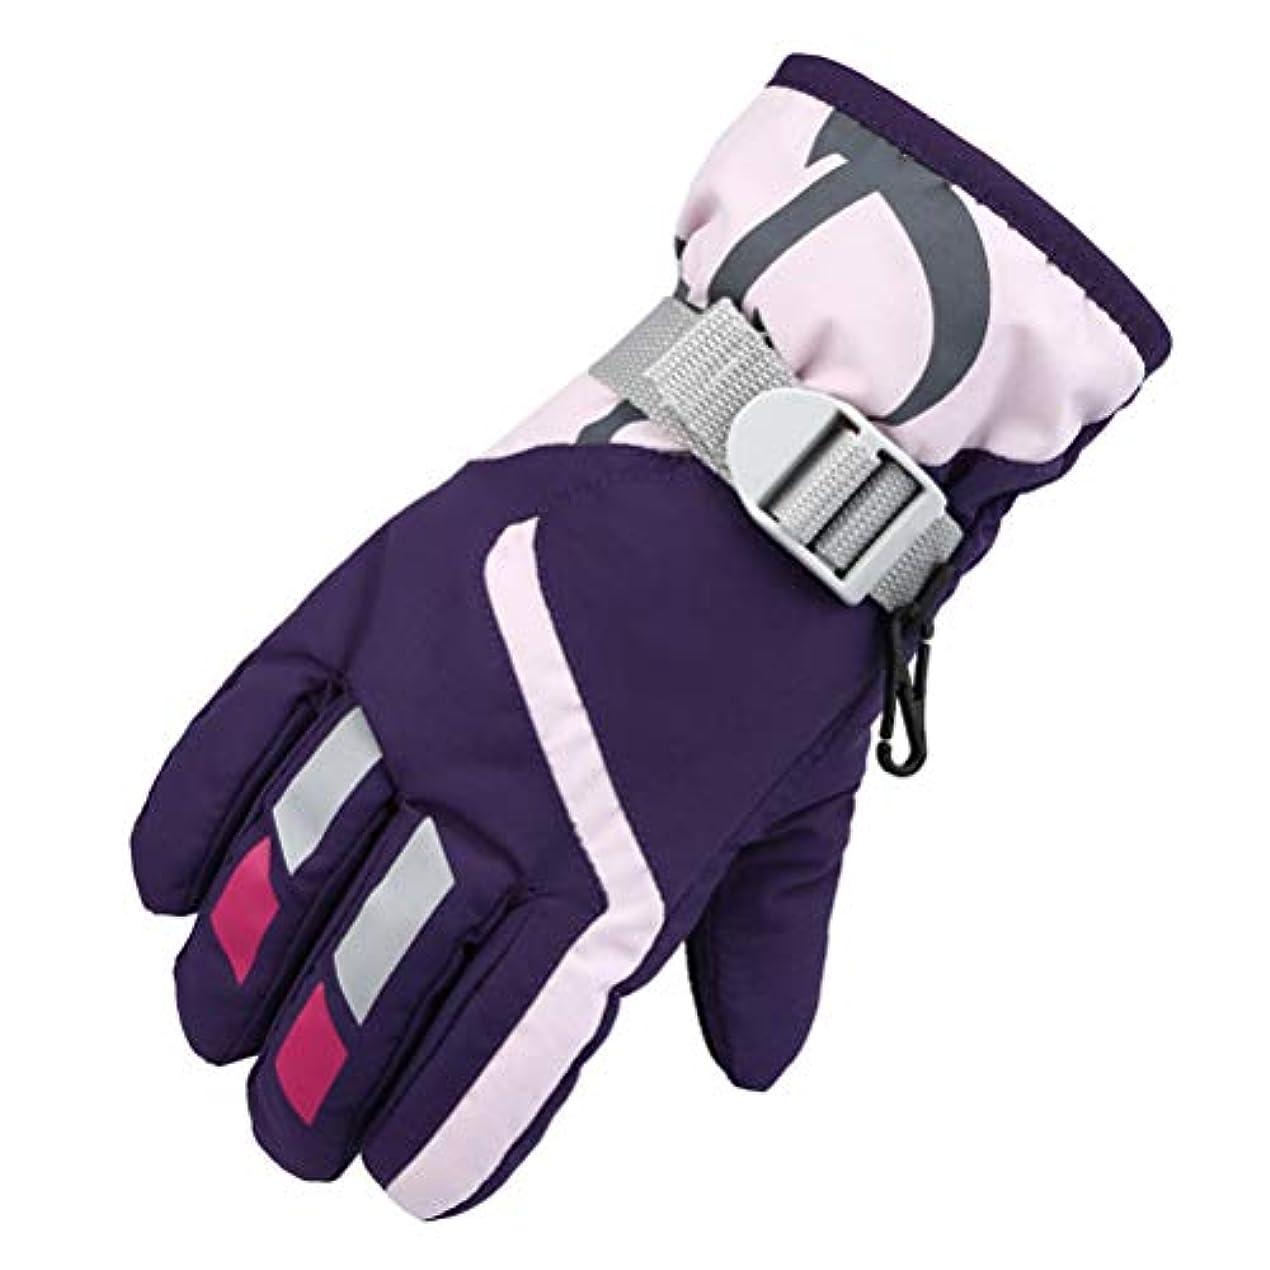 例画面少なくともTAIPPAN 子供用スキー手袋冬は、暖かい手袋調節可能な耐寒性手袋厚く防寒グローブ 保温 冬 厚手 革 防寒 スポーツグローブ